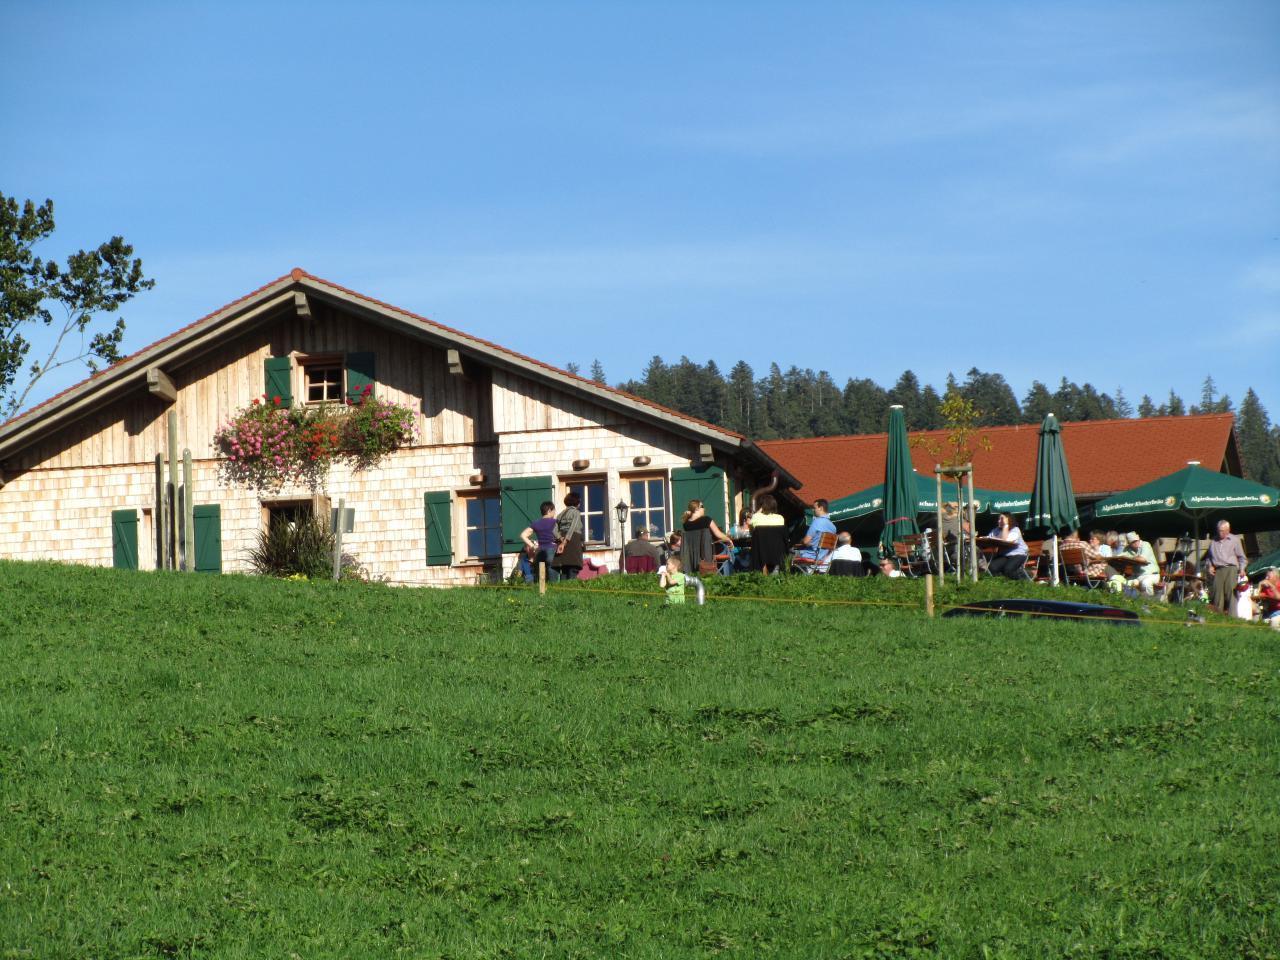 Ferienwohnung Appartementhaus Wiesengrund - Fewo 1 (402585), Baiersbronn, Schwarzwald, Baden-Württemberg, Deutschland, Bild 13